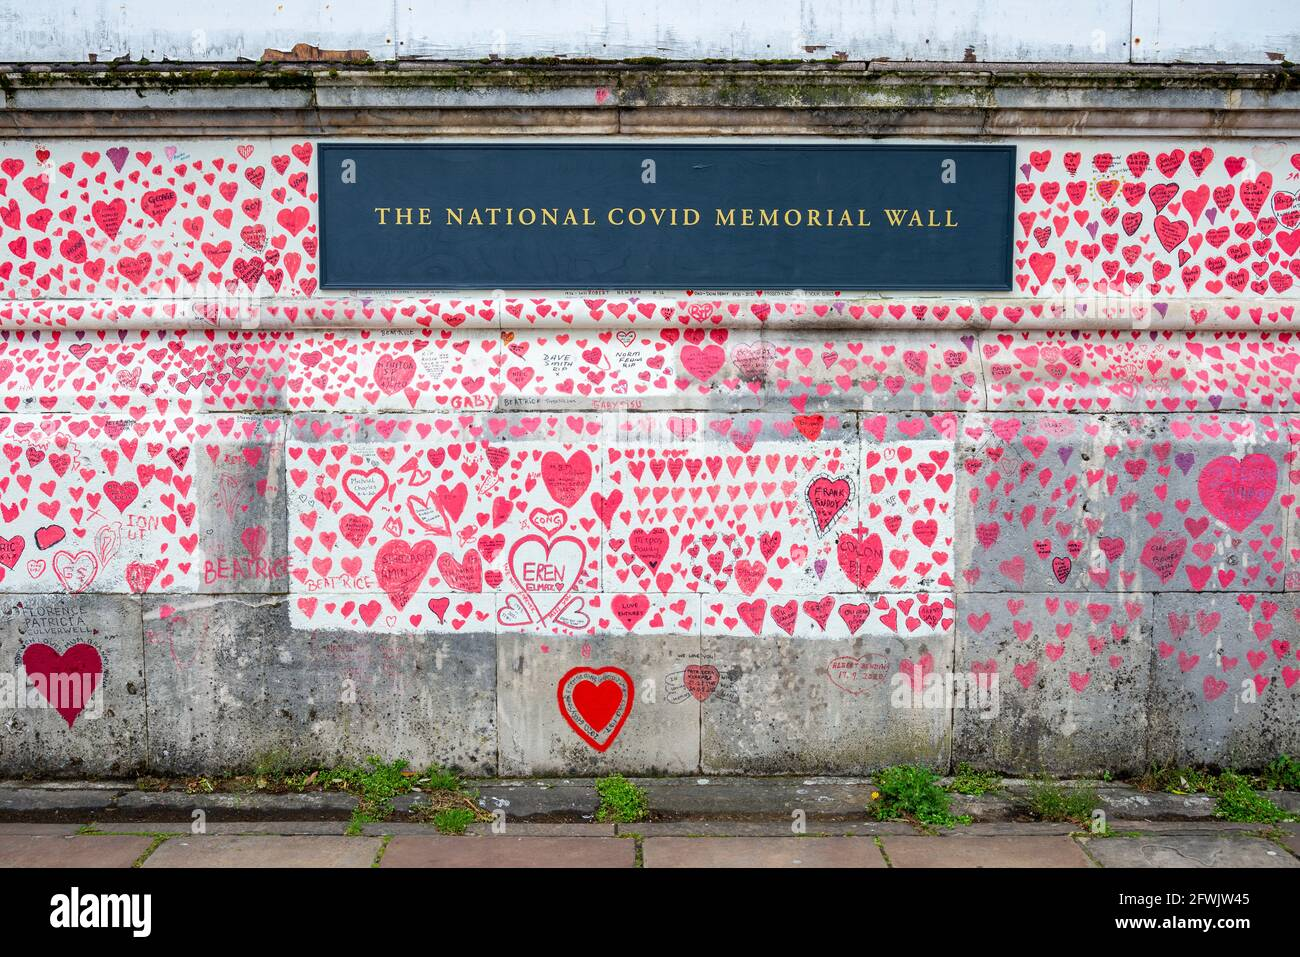 National Covid Memorial Wall in una giornata di lavoro a Lambeth, Londra, Regno Unito. Cuori rossi disegnati su un muro che rappresenta ogni morte di COVID 19. Erbacce Foto Stock